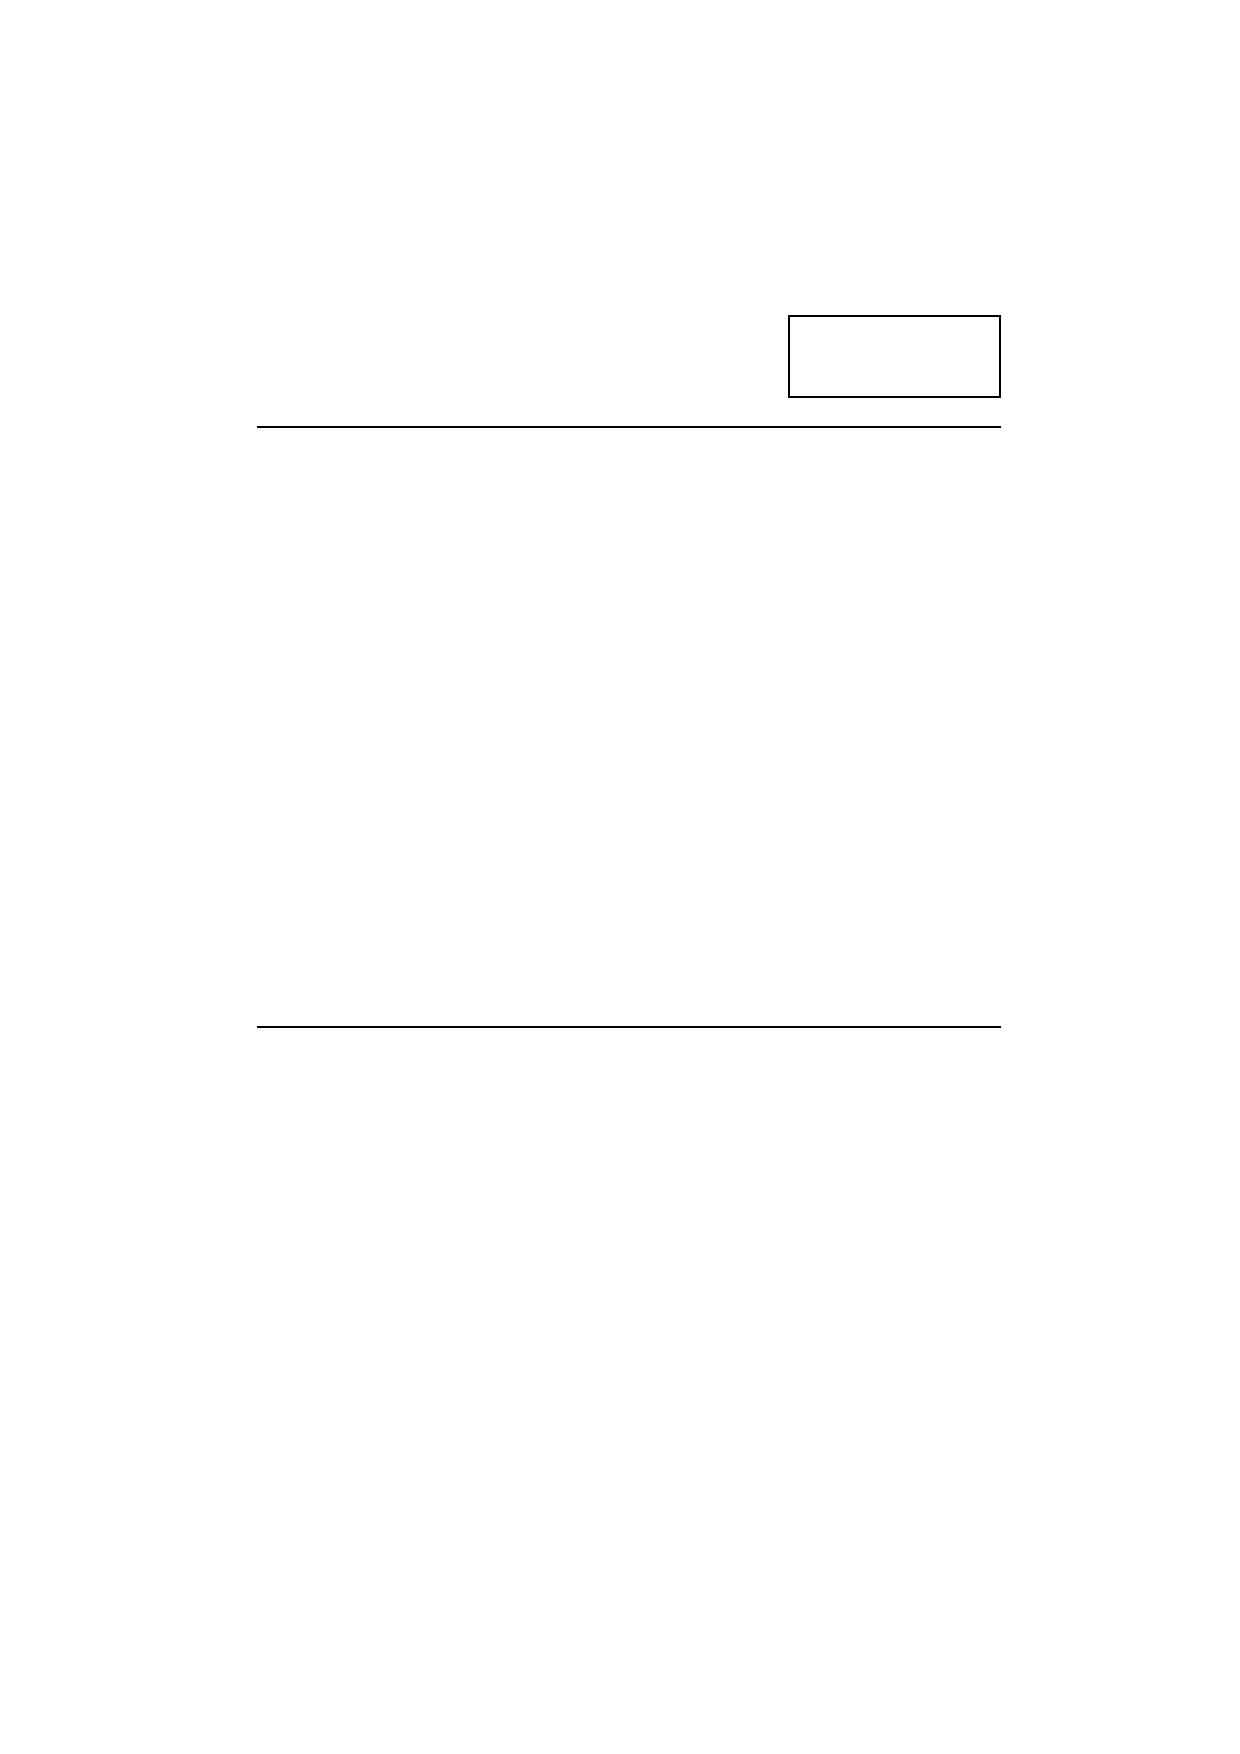 ZNBG4000 دیتاشیت PDF